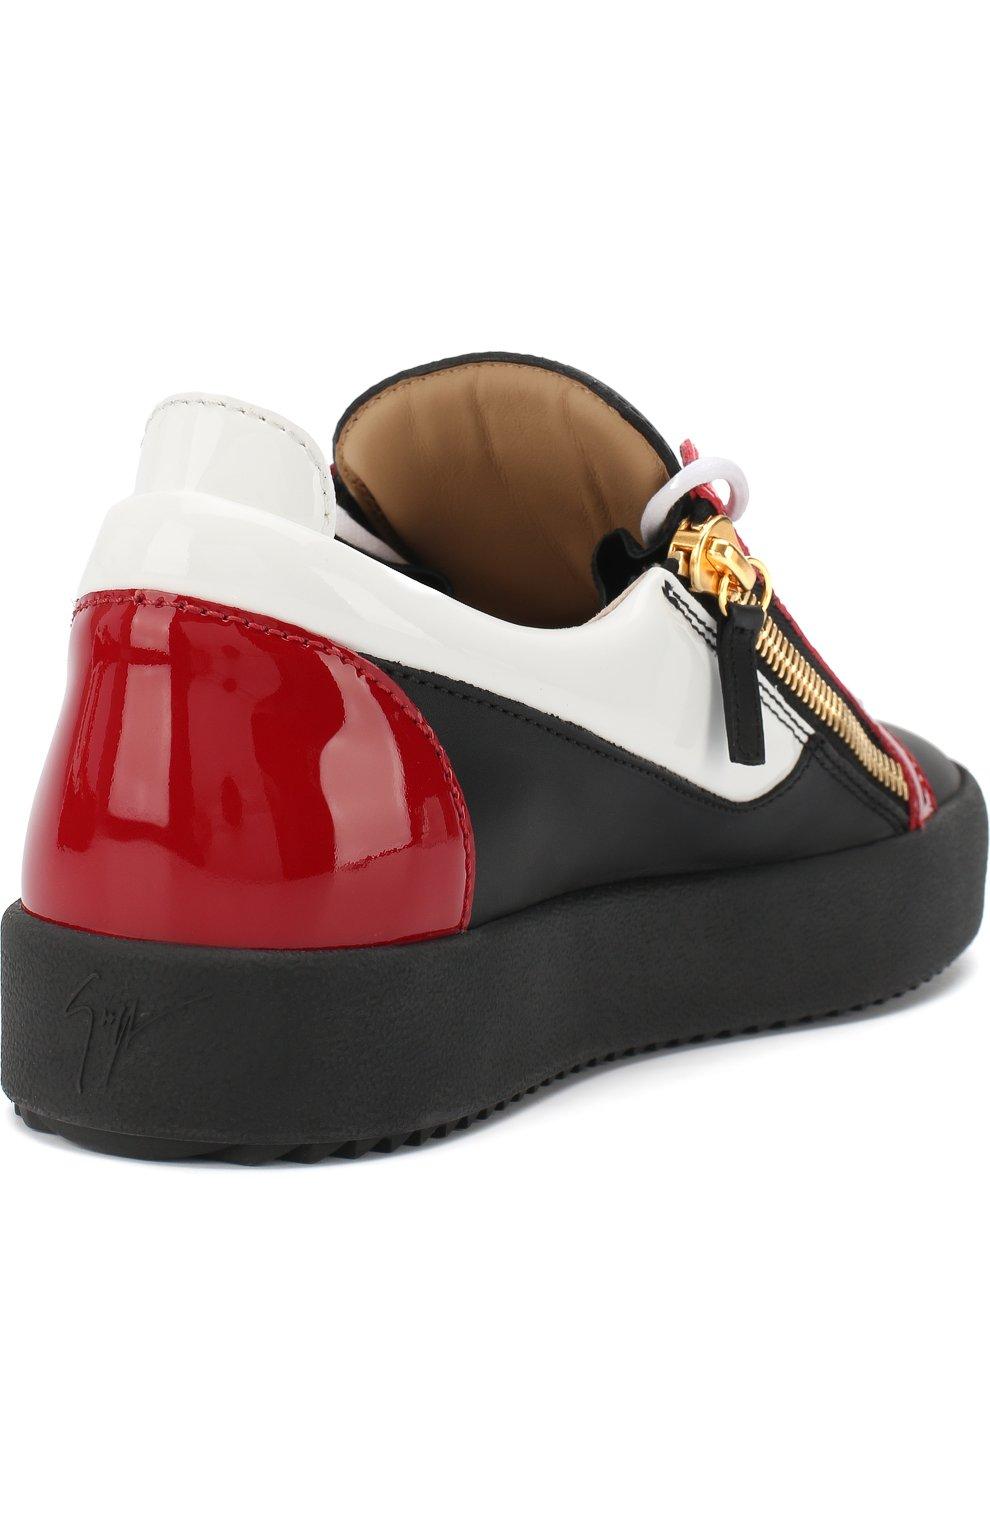 Кожаные кеды Frankie на шнуровке с молнией | Фото №4